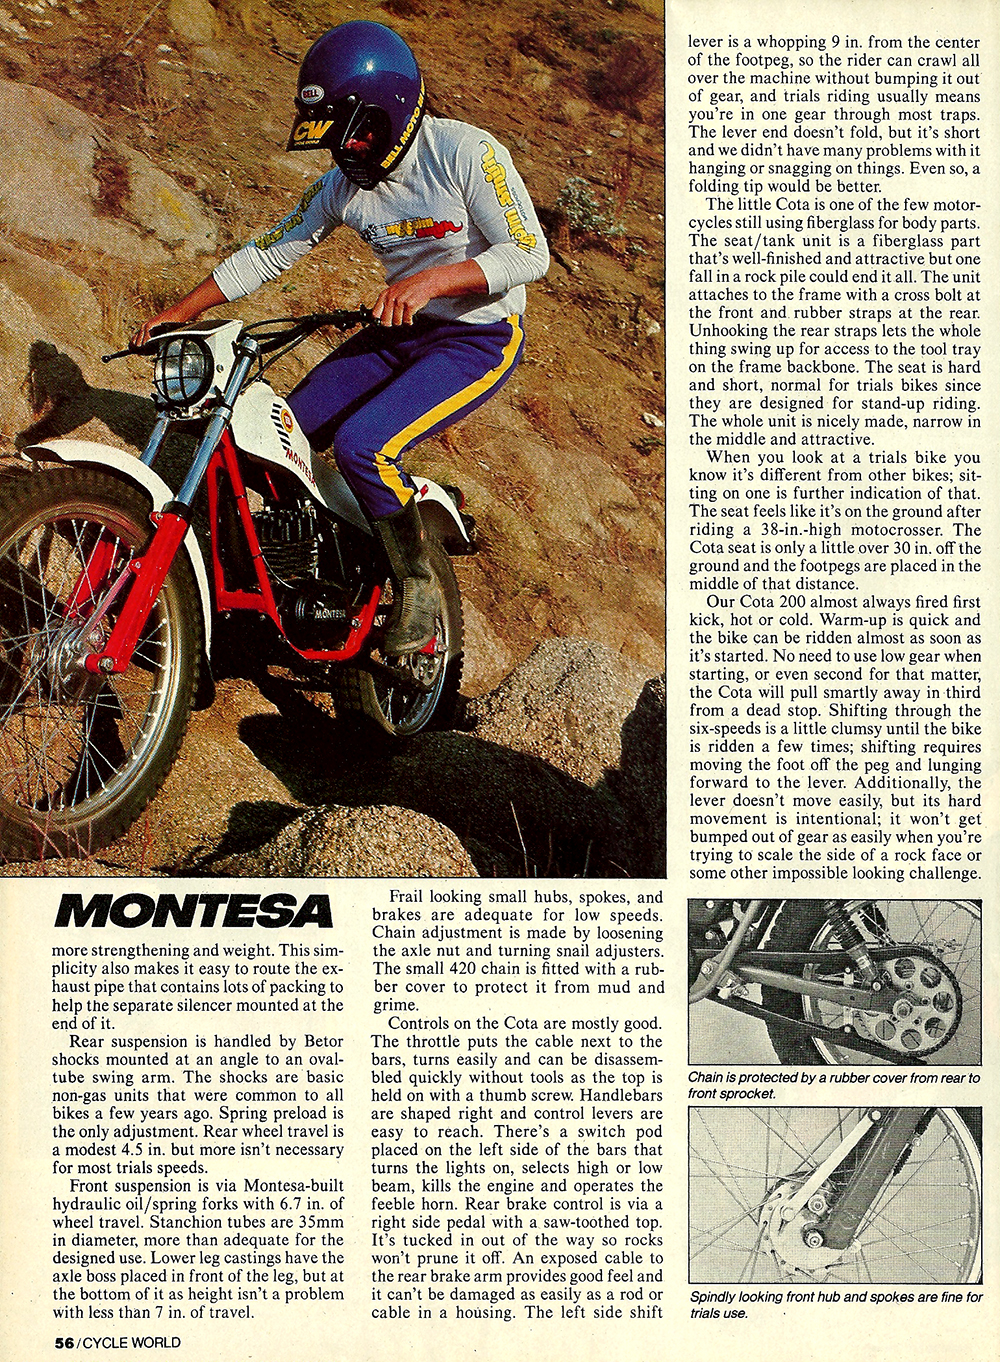 1982 Montesa cota 200 road test 03.jpg